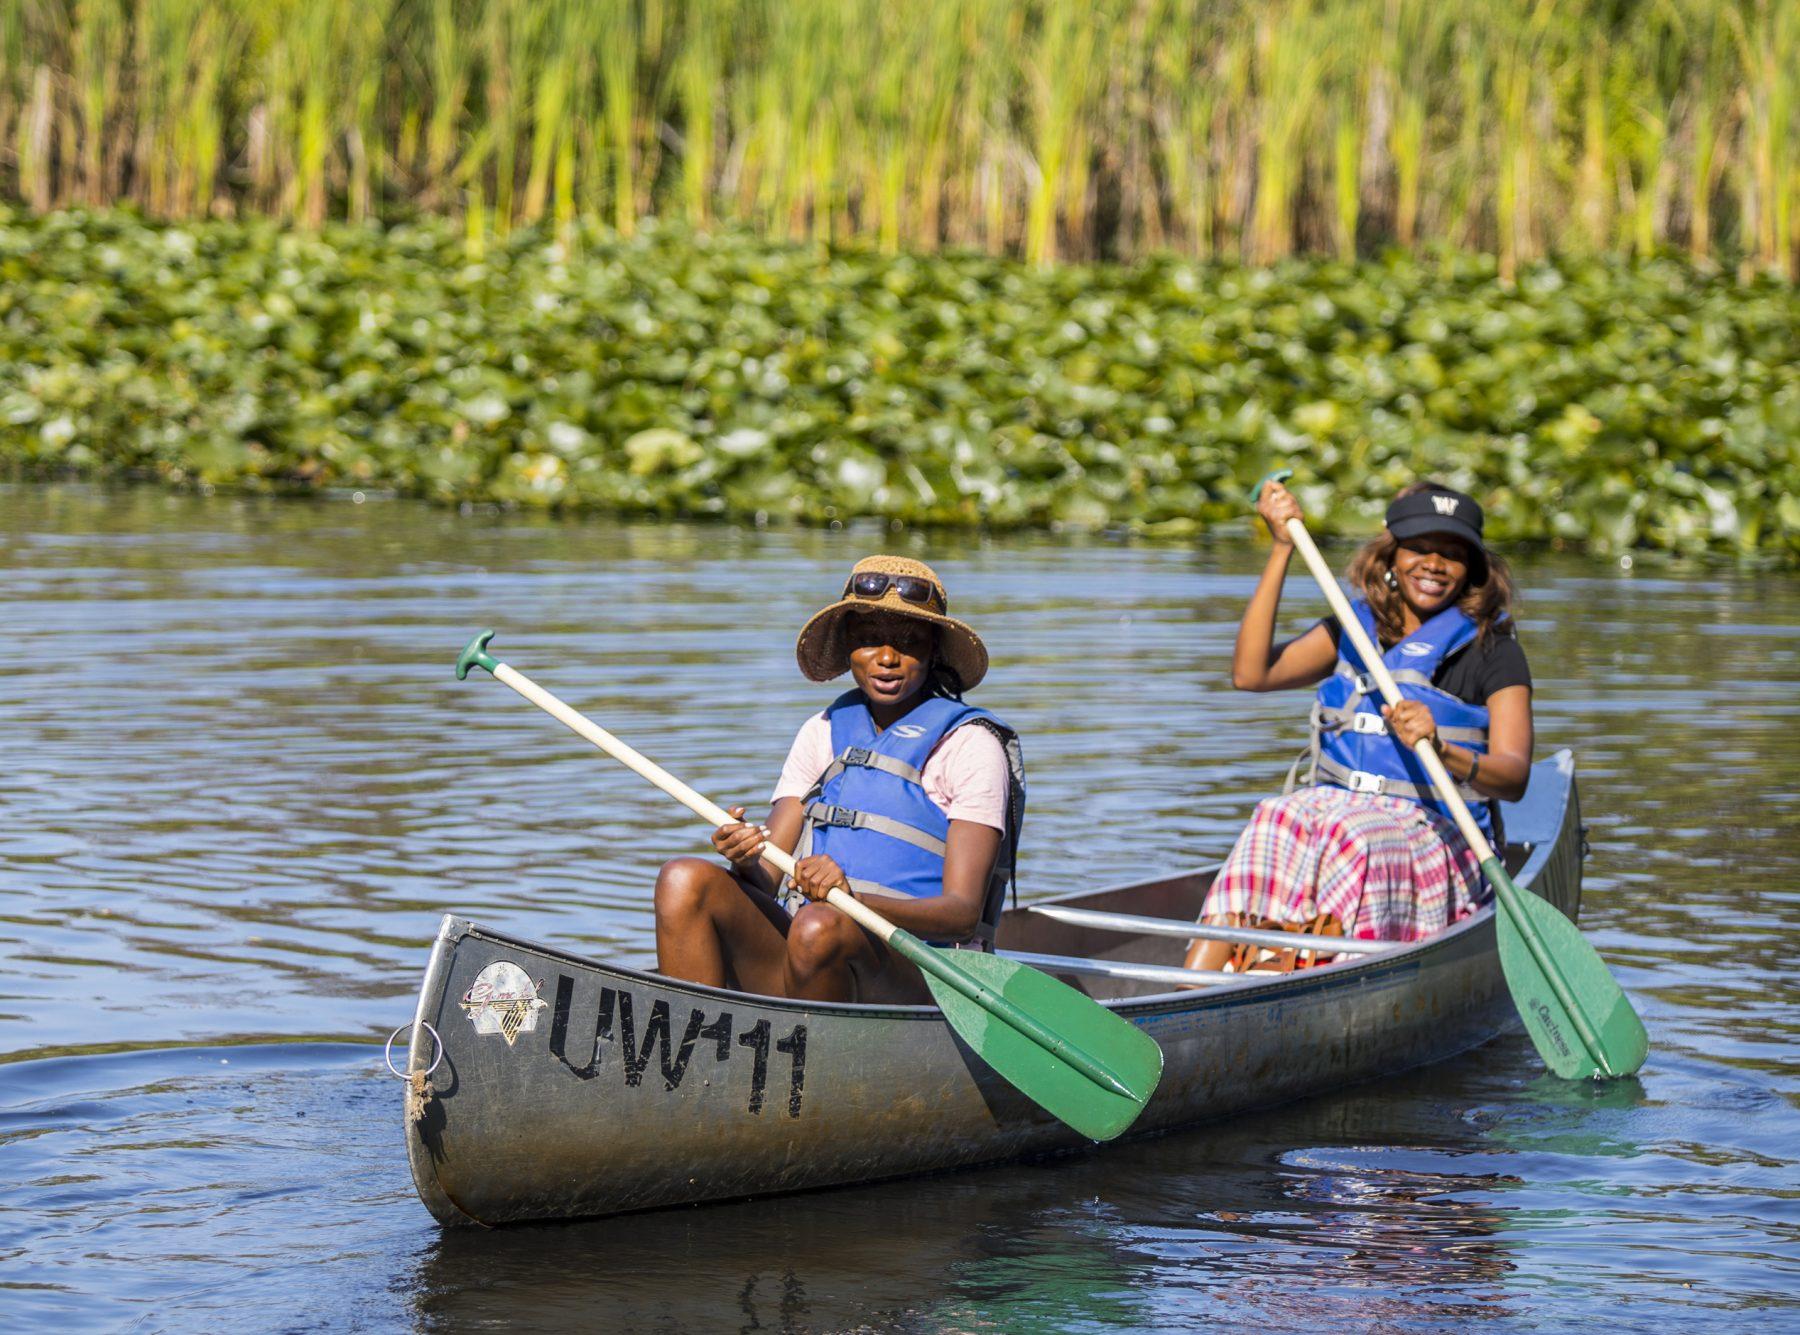 Birding Amp Boating University Of Washington Botanic Gardens